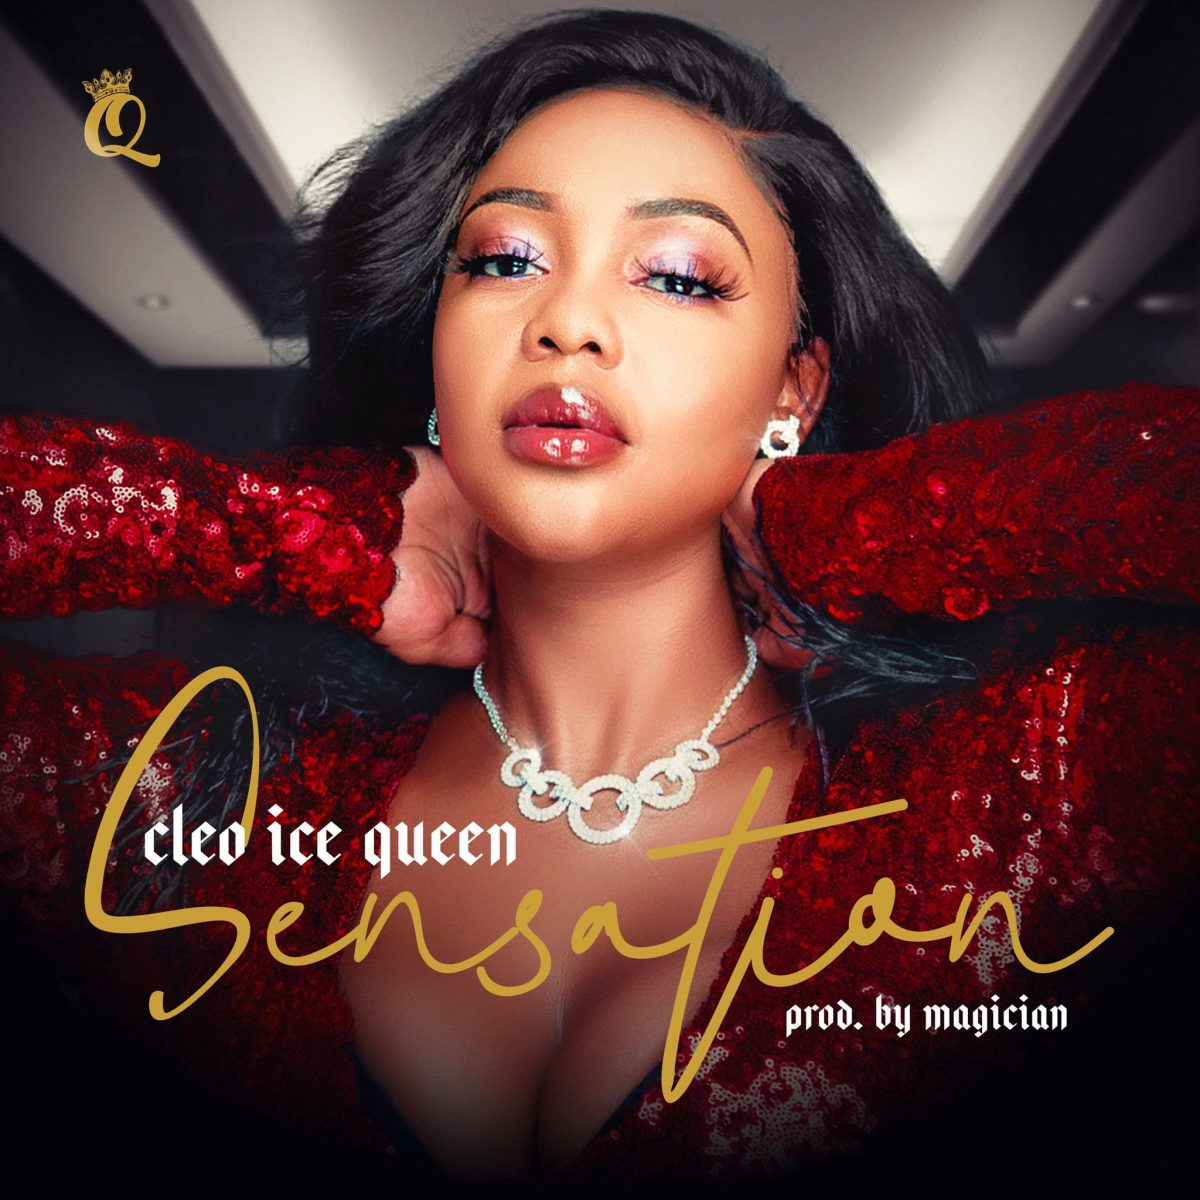 Cleo Ice Queen - Sensation (Prod. Magician)